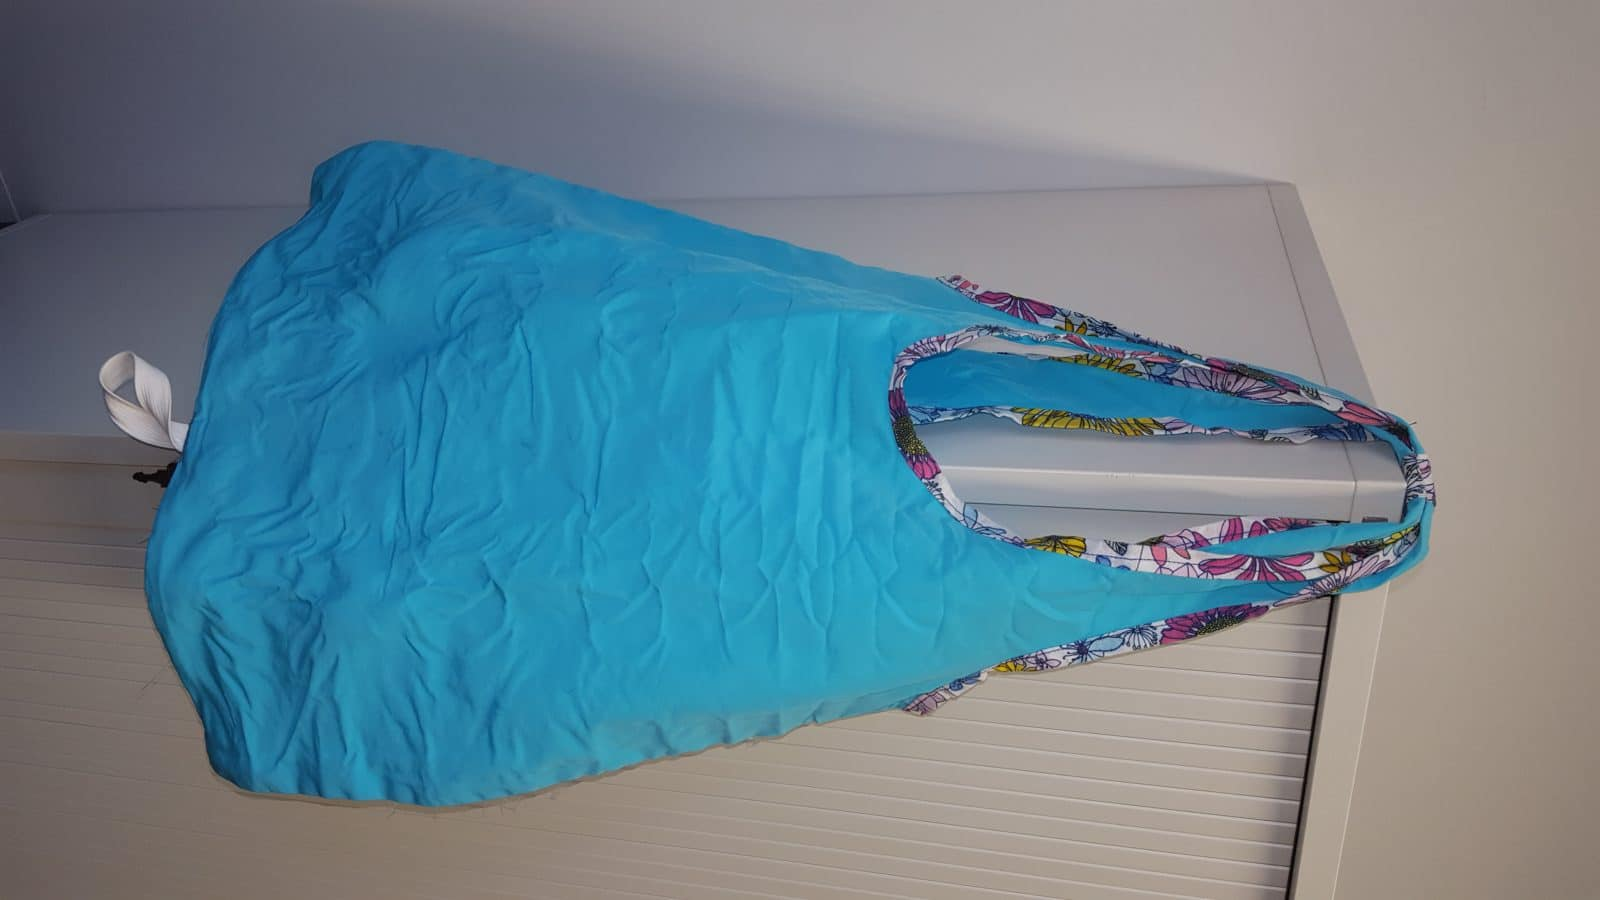 Faltbare Einkaufstaschen - auch super als Muttertagsgeschenk